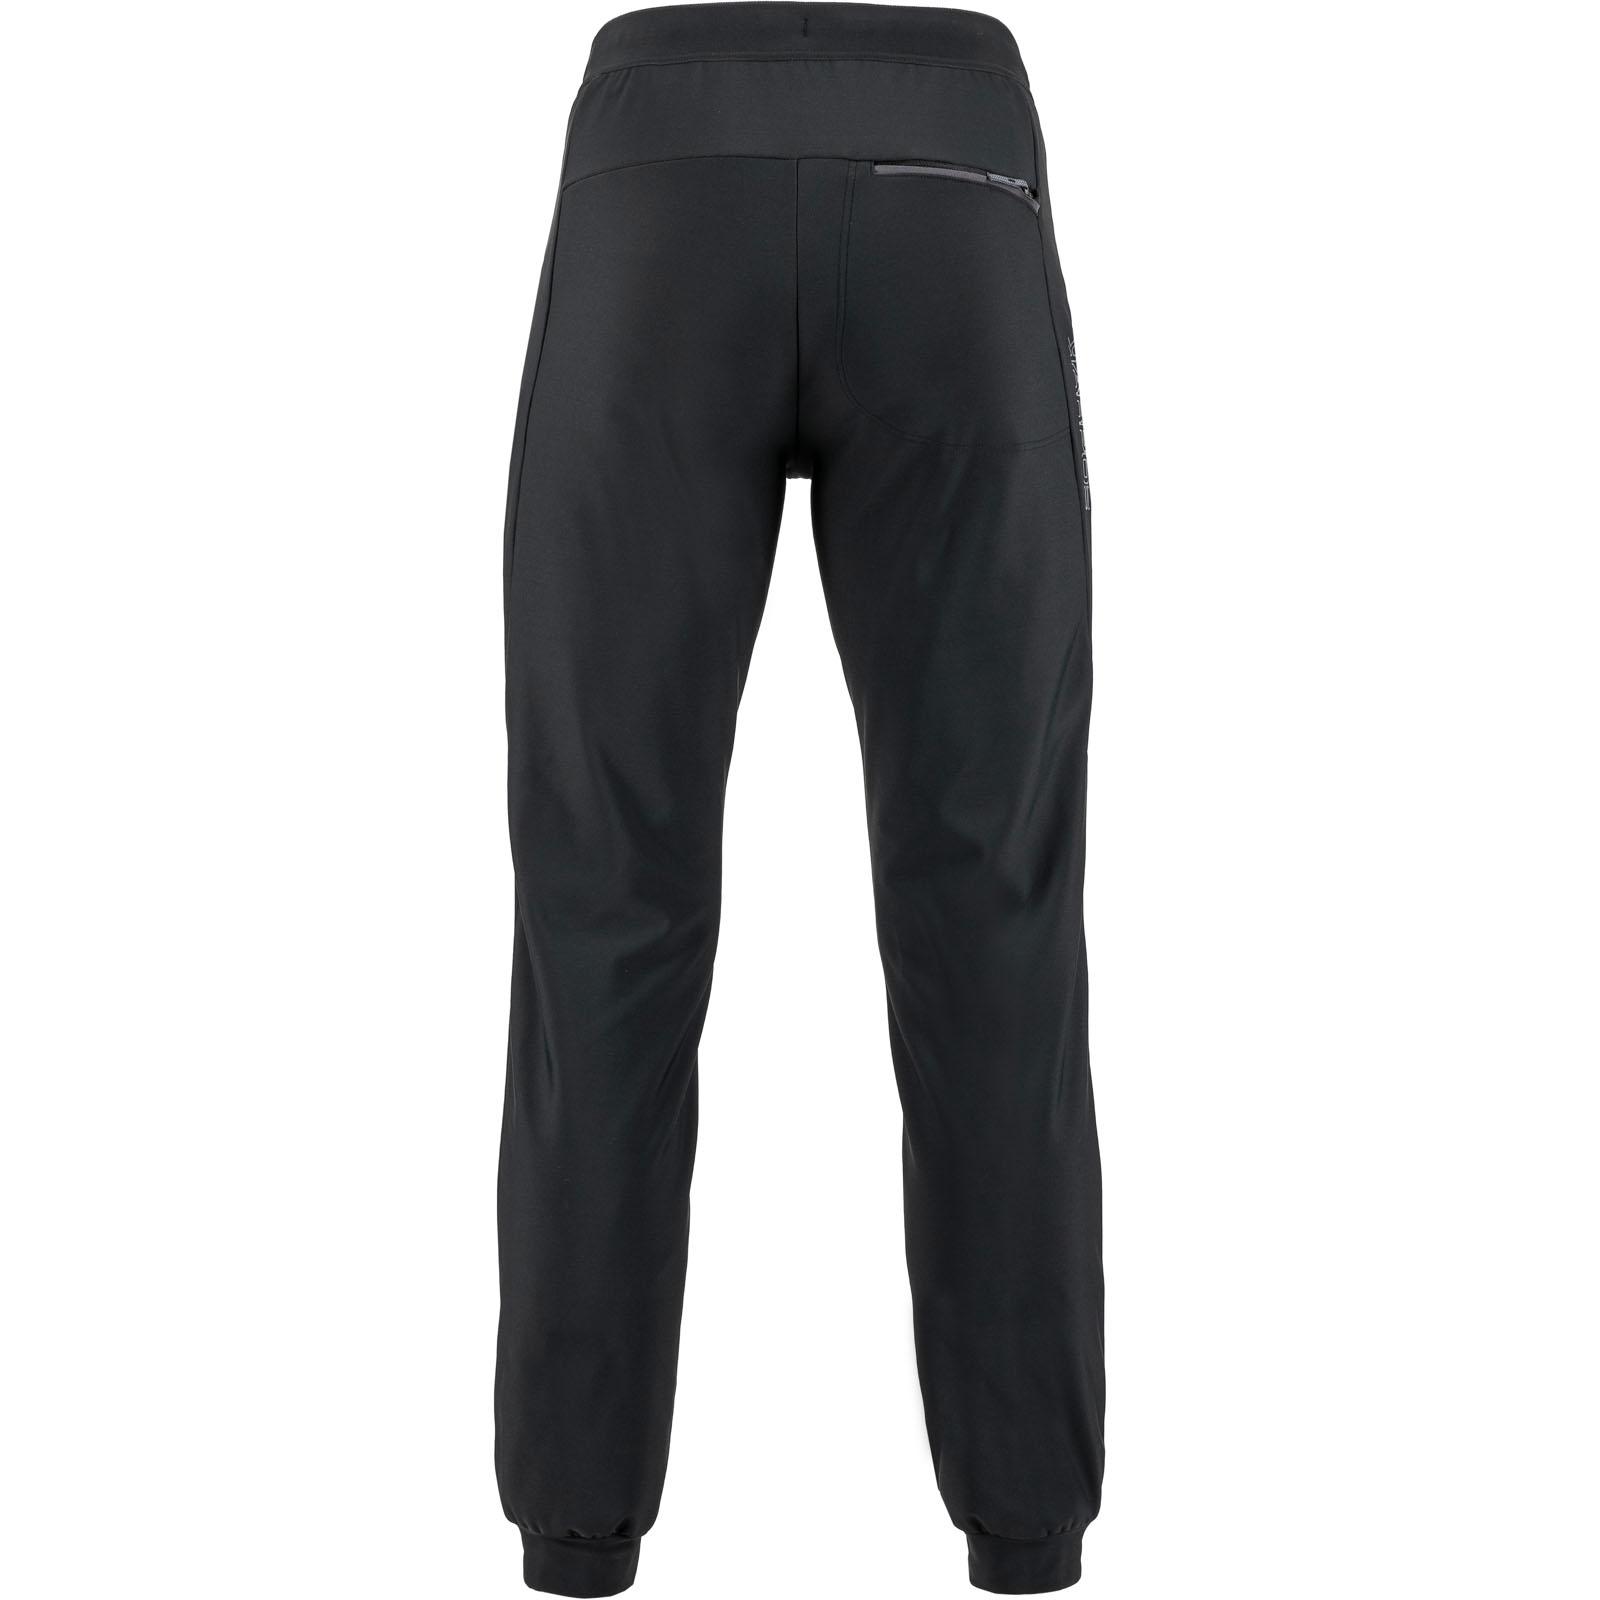 e4057e18a61c Karpos EASYGOING Winter nohavice čierne. Pre absolútny zážitok prosím  použite prehliadač s javascriptom